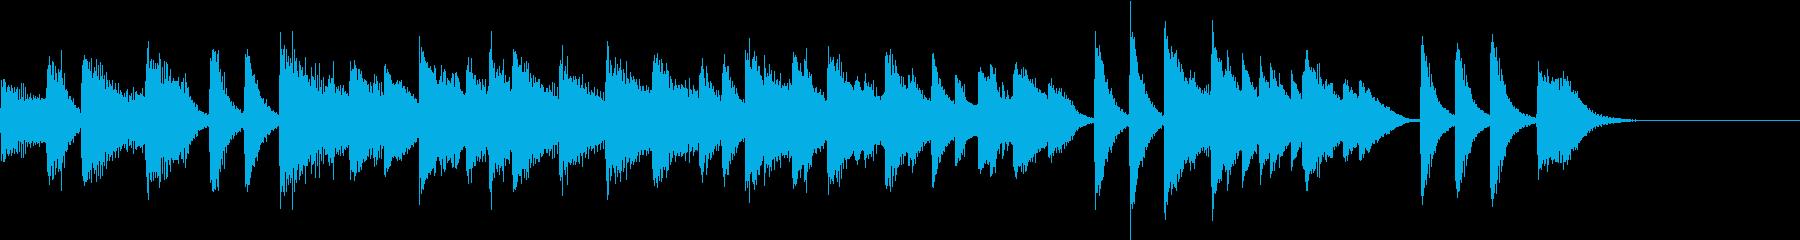 君が代を大胆アレンジしたピアノジングルの再生済みの波形